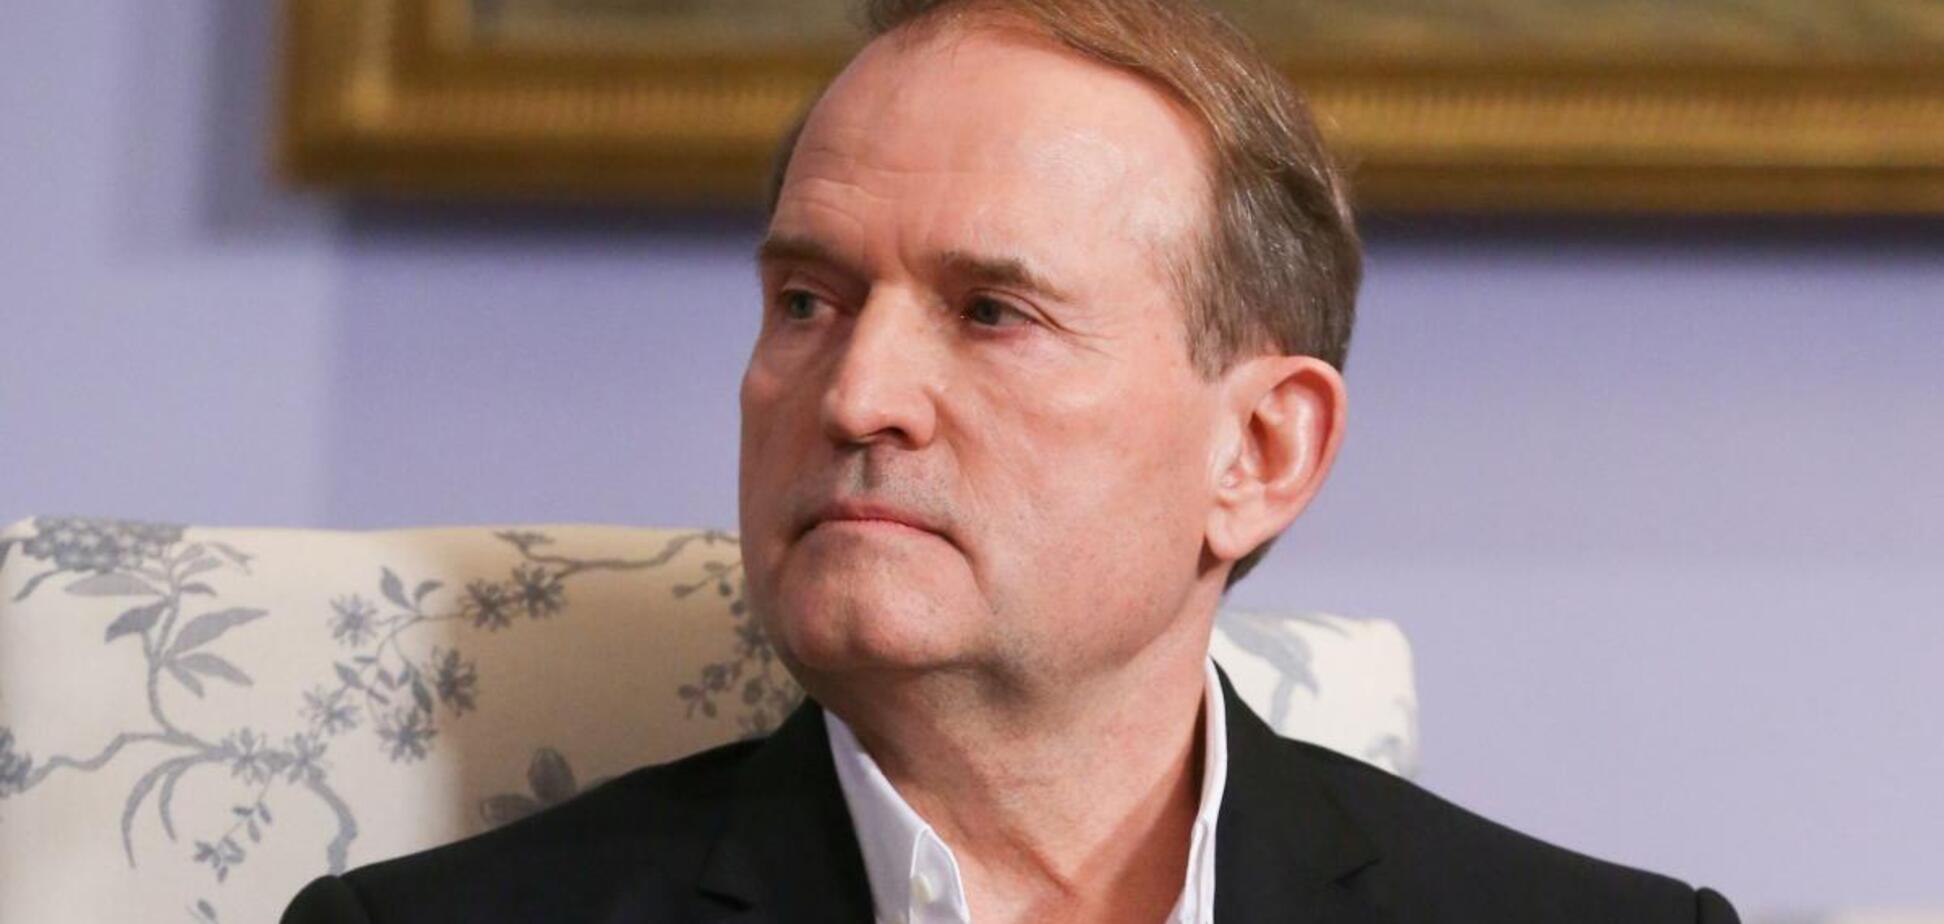 Медведчук побував в Офісі генпрокурора й заявив, що готовий до арешту. Відео